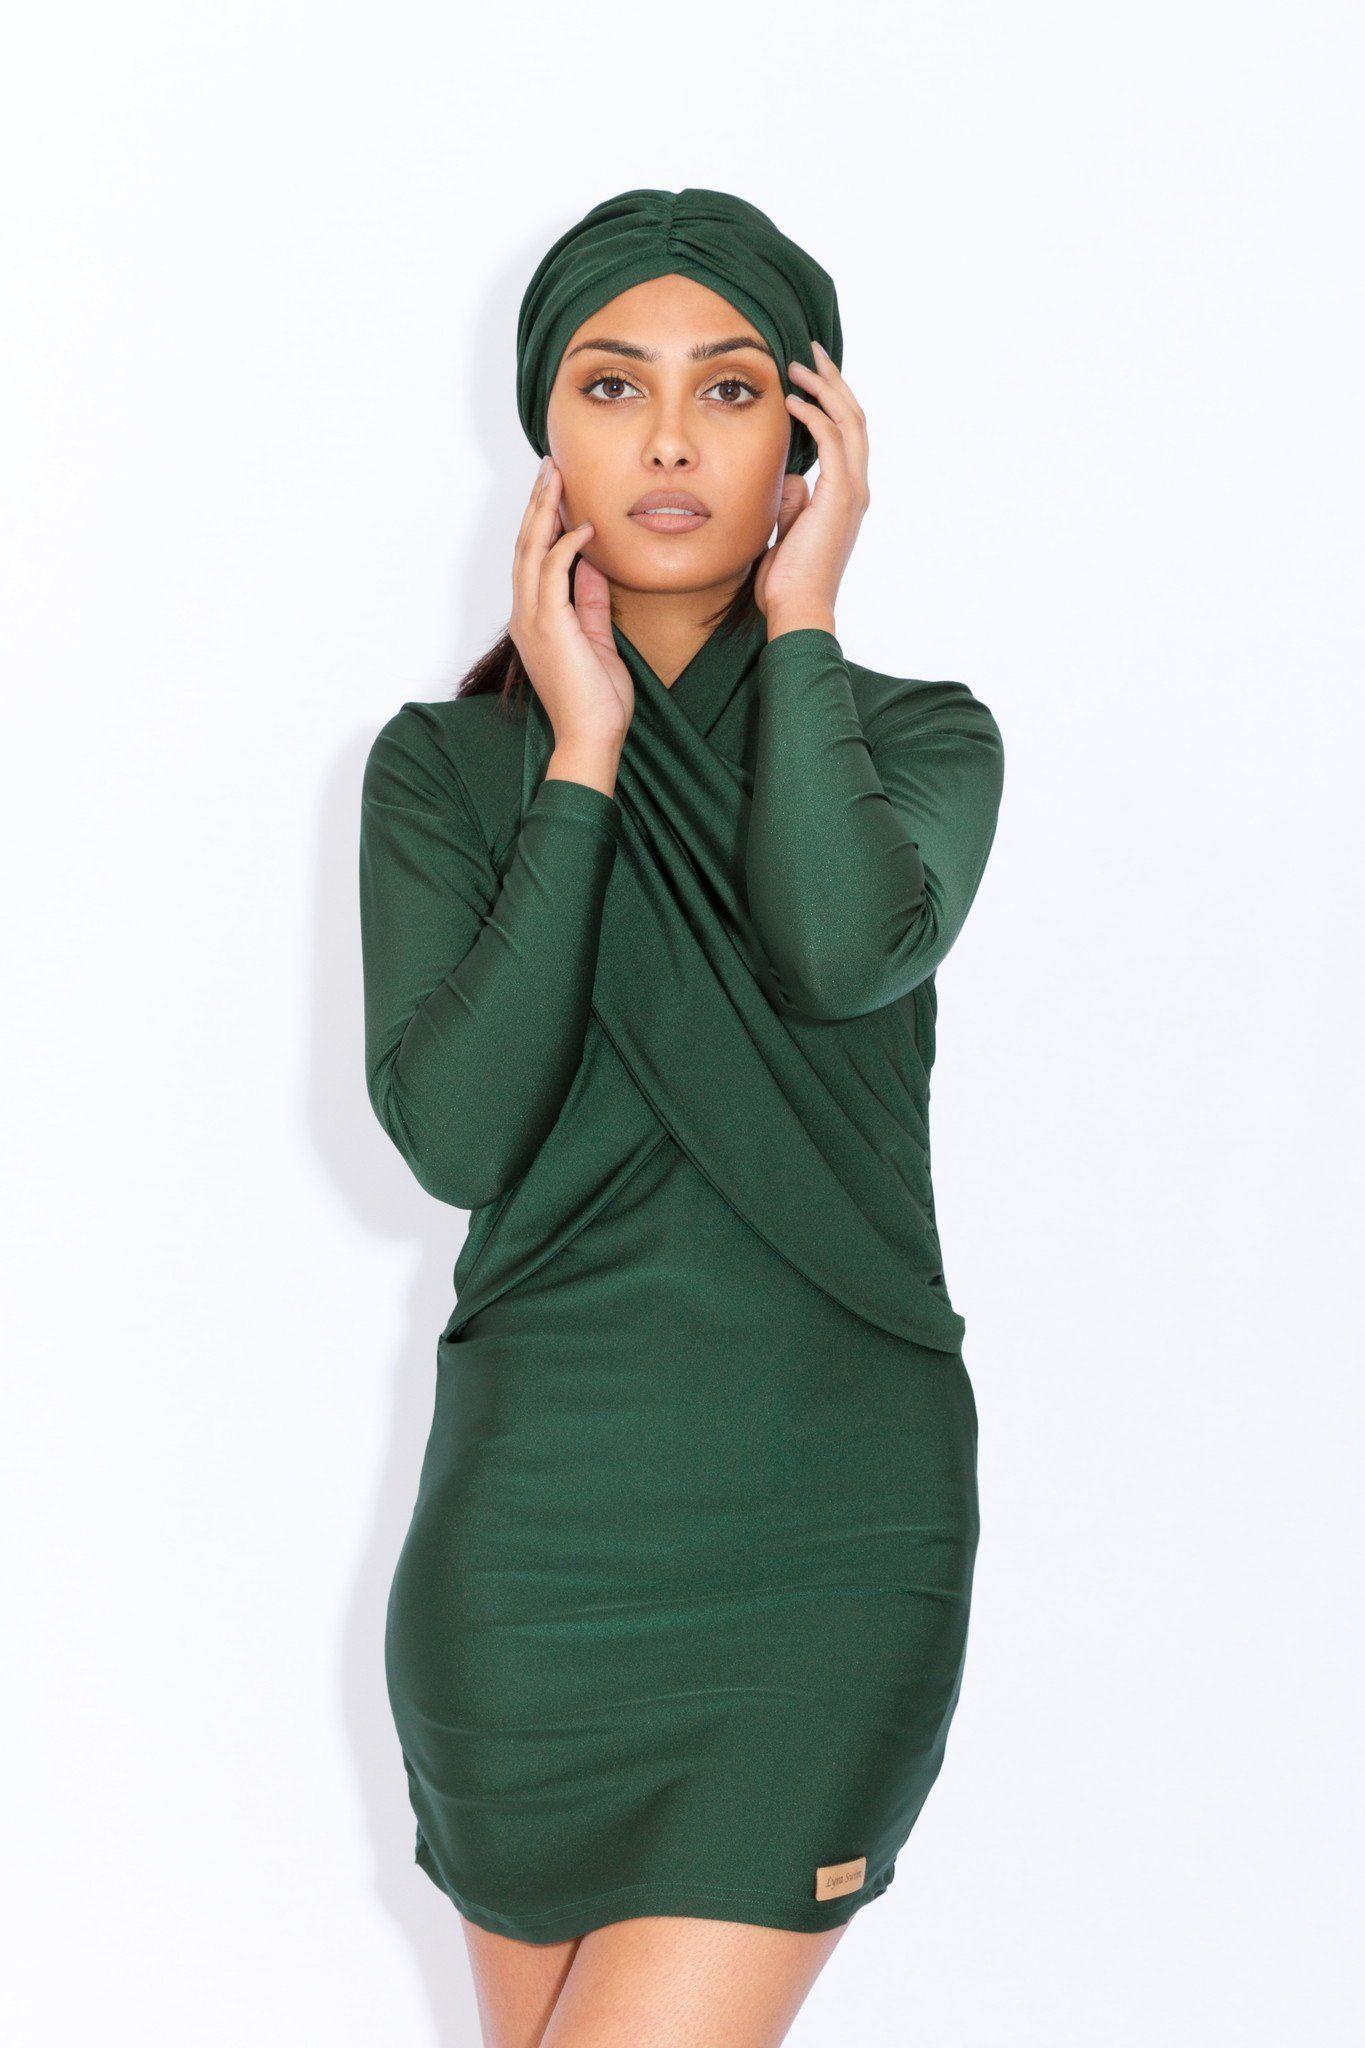 0cc4a1d8d3 Modest Swimwear, Burkini, Burqini, Burkinni, Modest Swimsuit, Islamic  Swimwear, LYRA Swimwear, Hijabi Swimwear, LYRA,